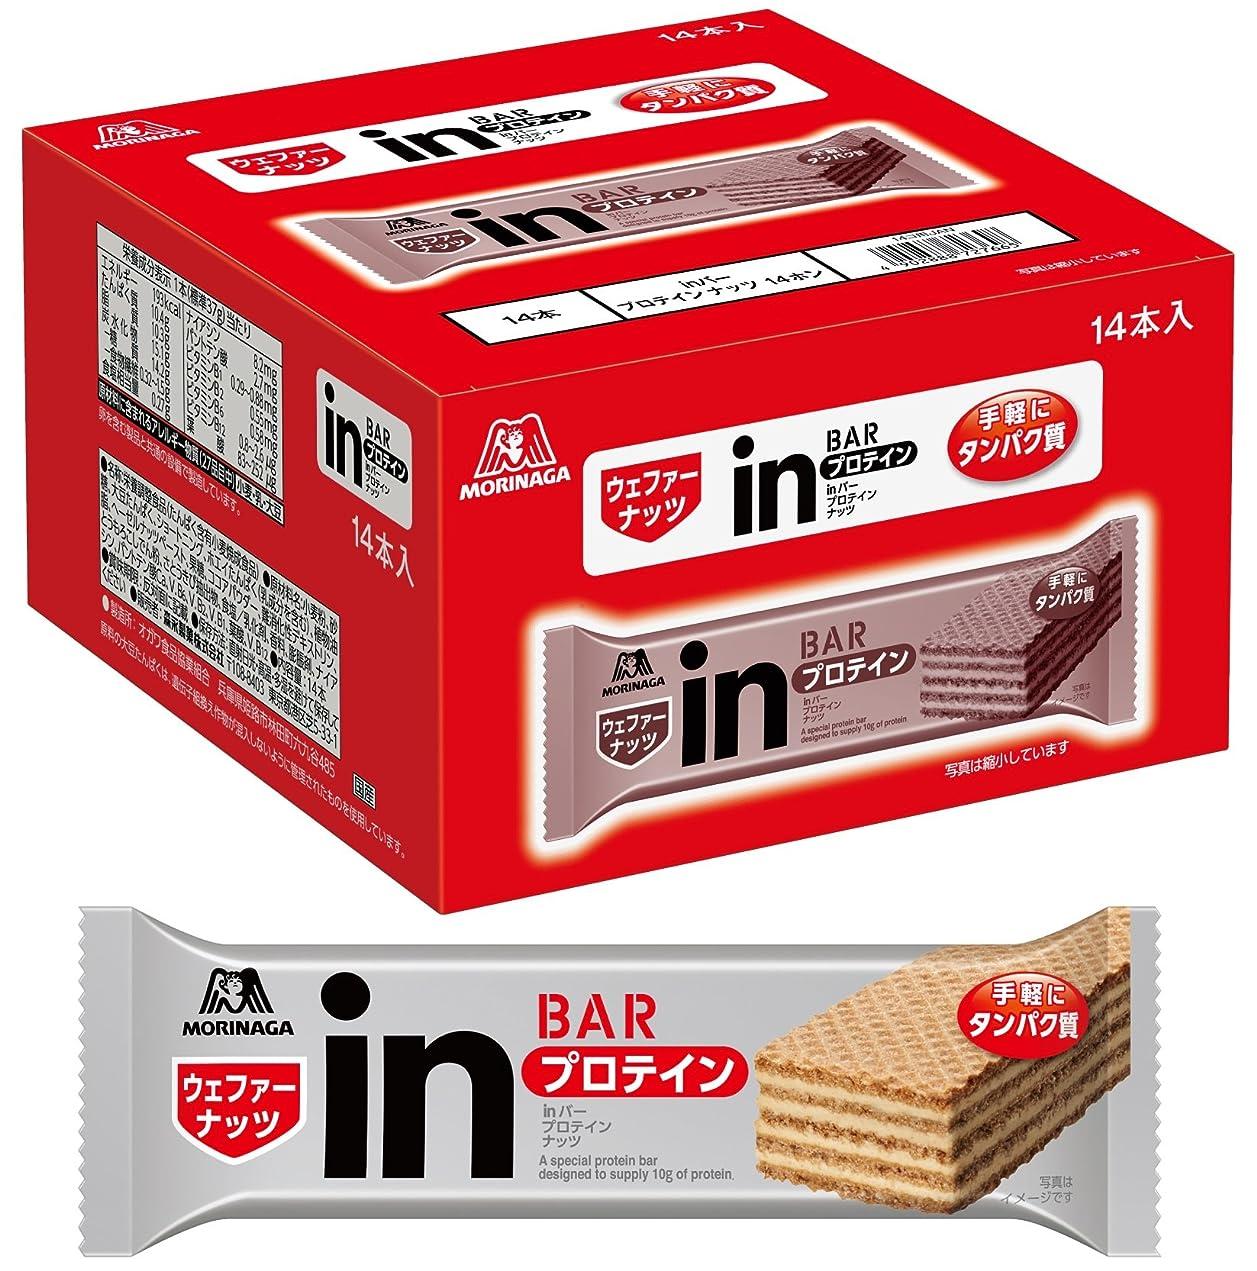 わかりやすい公平主要な【Amazon.co.jp限定】inバー プロテイン ナッツ (14本入×1箱) ナッツペーストの甘味を感じるウェファータイプ 高タンパク10g